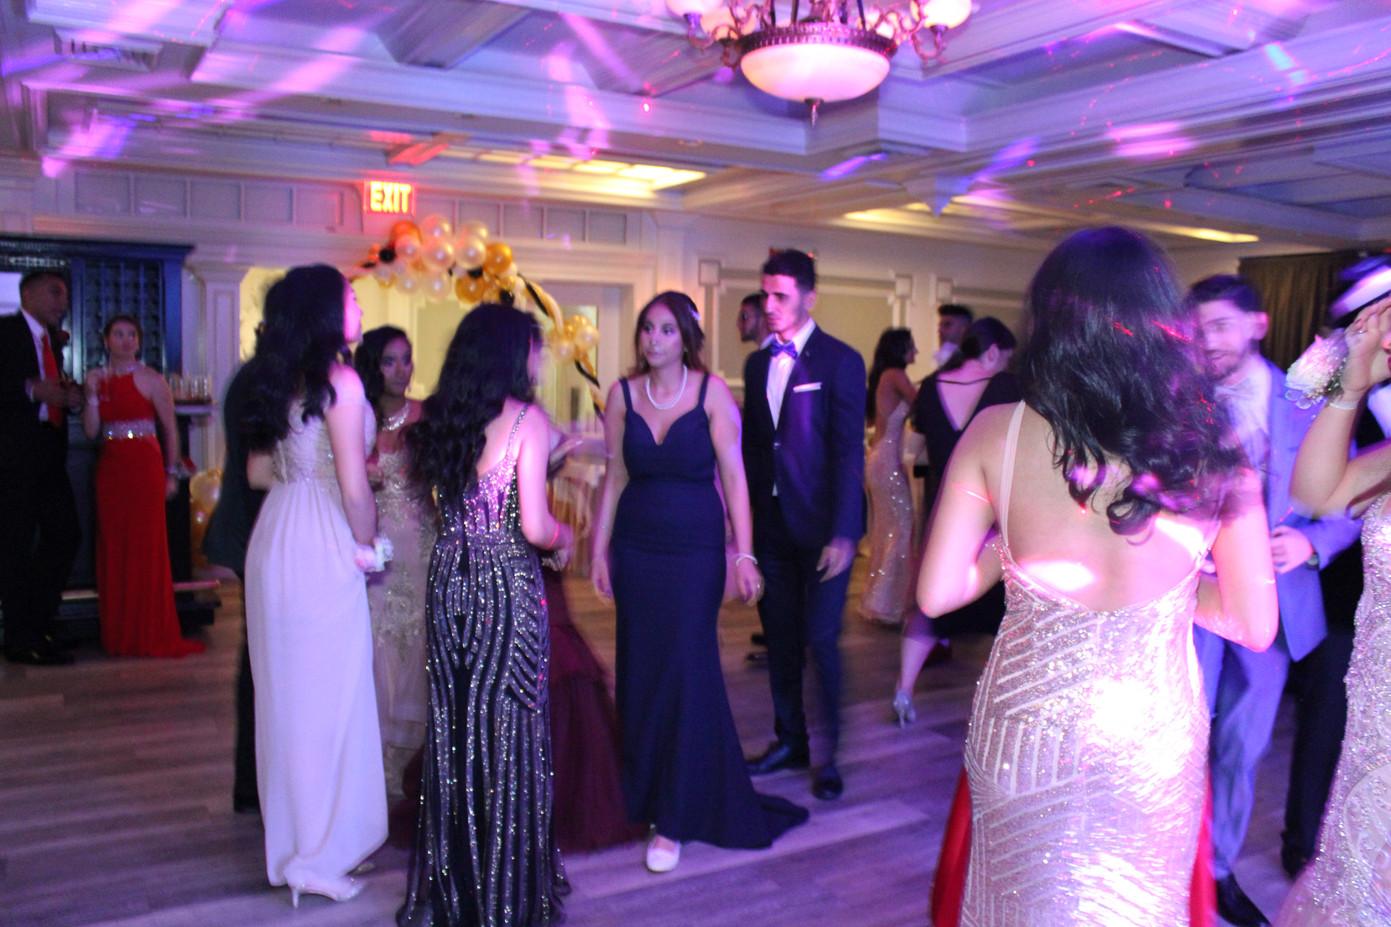 Prom-Night-Attendees.JPG